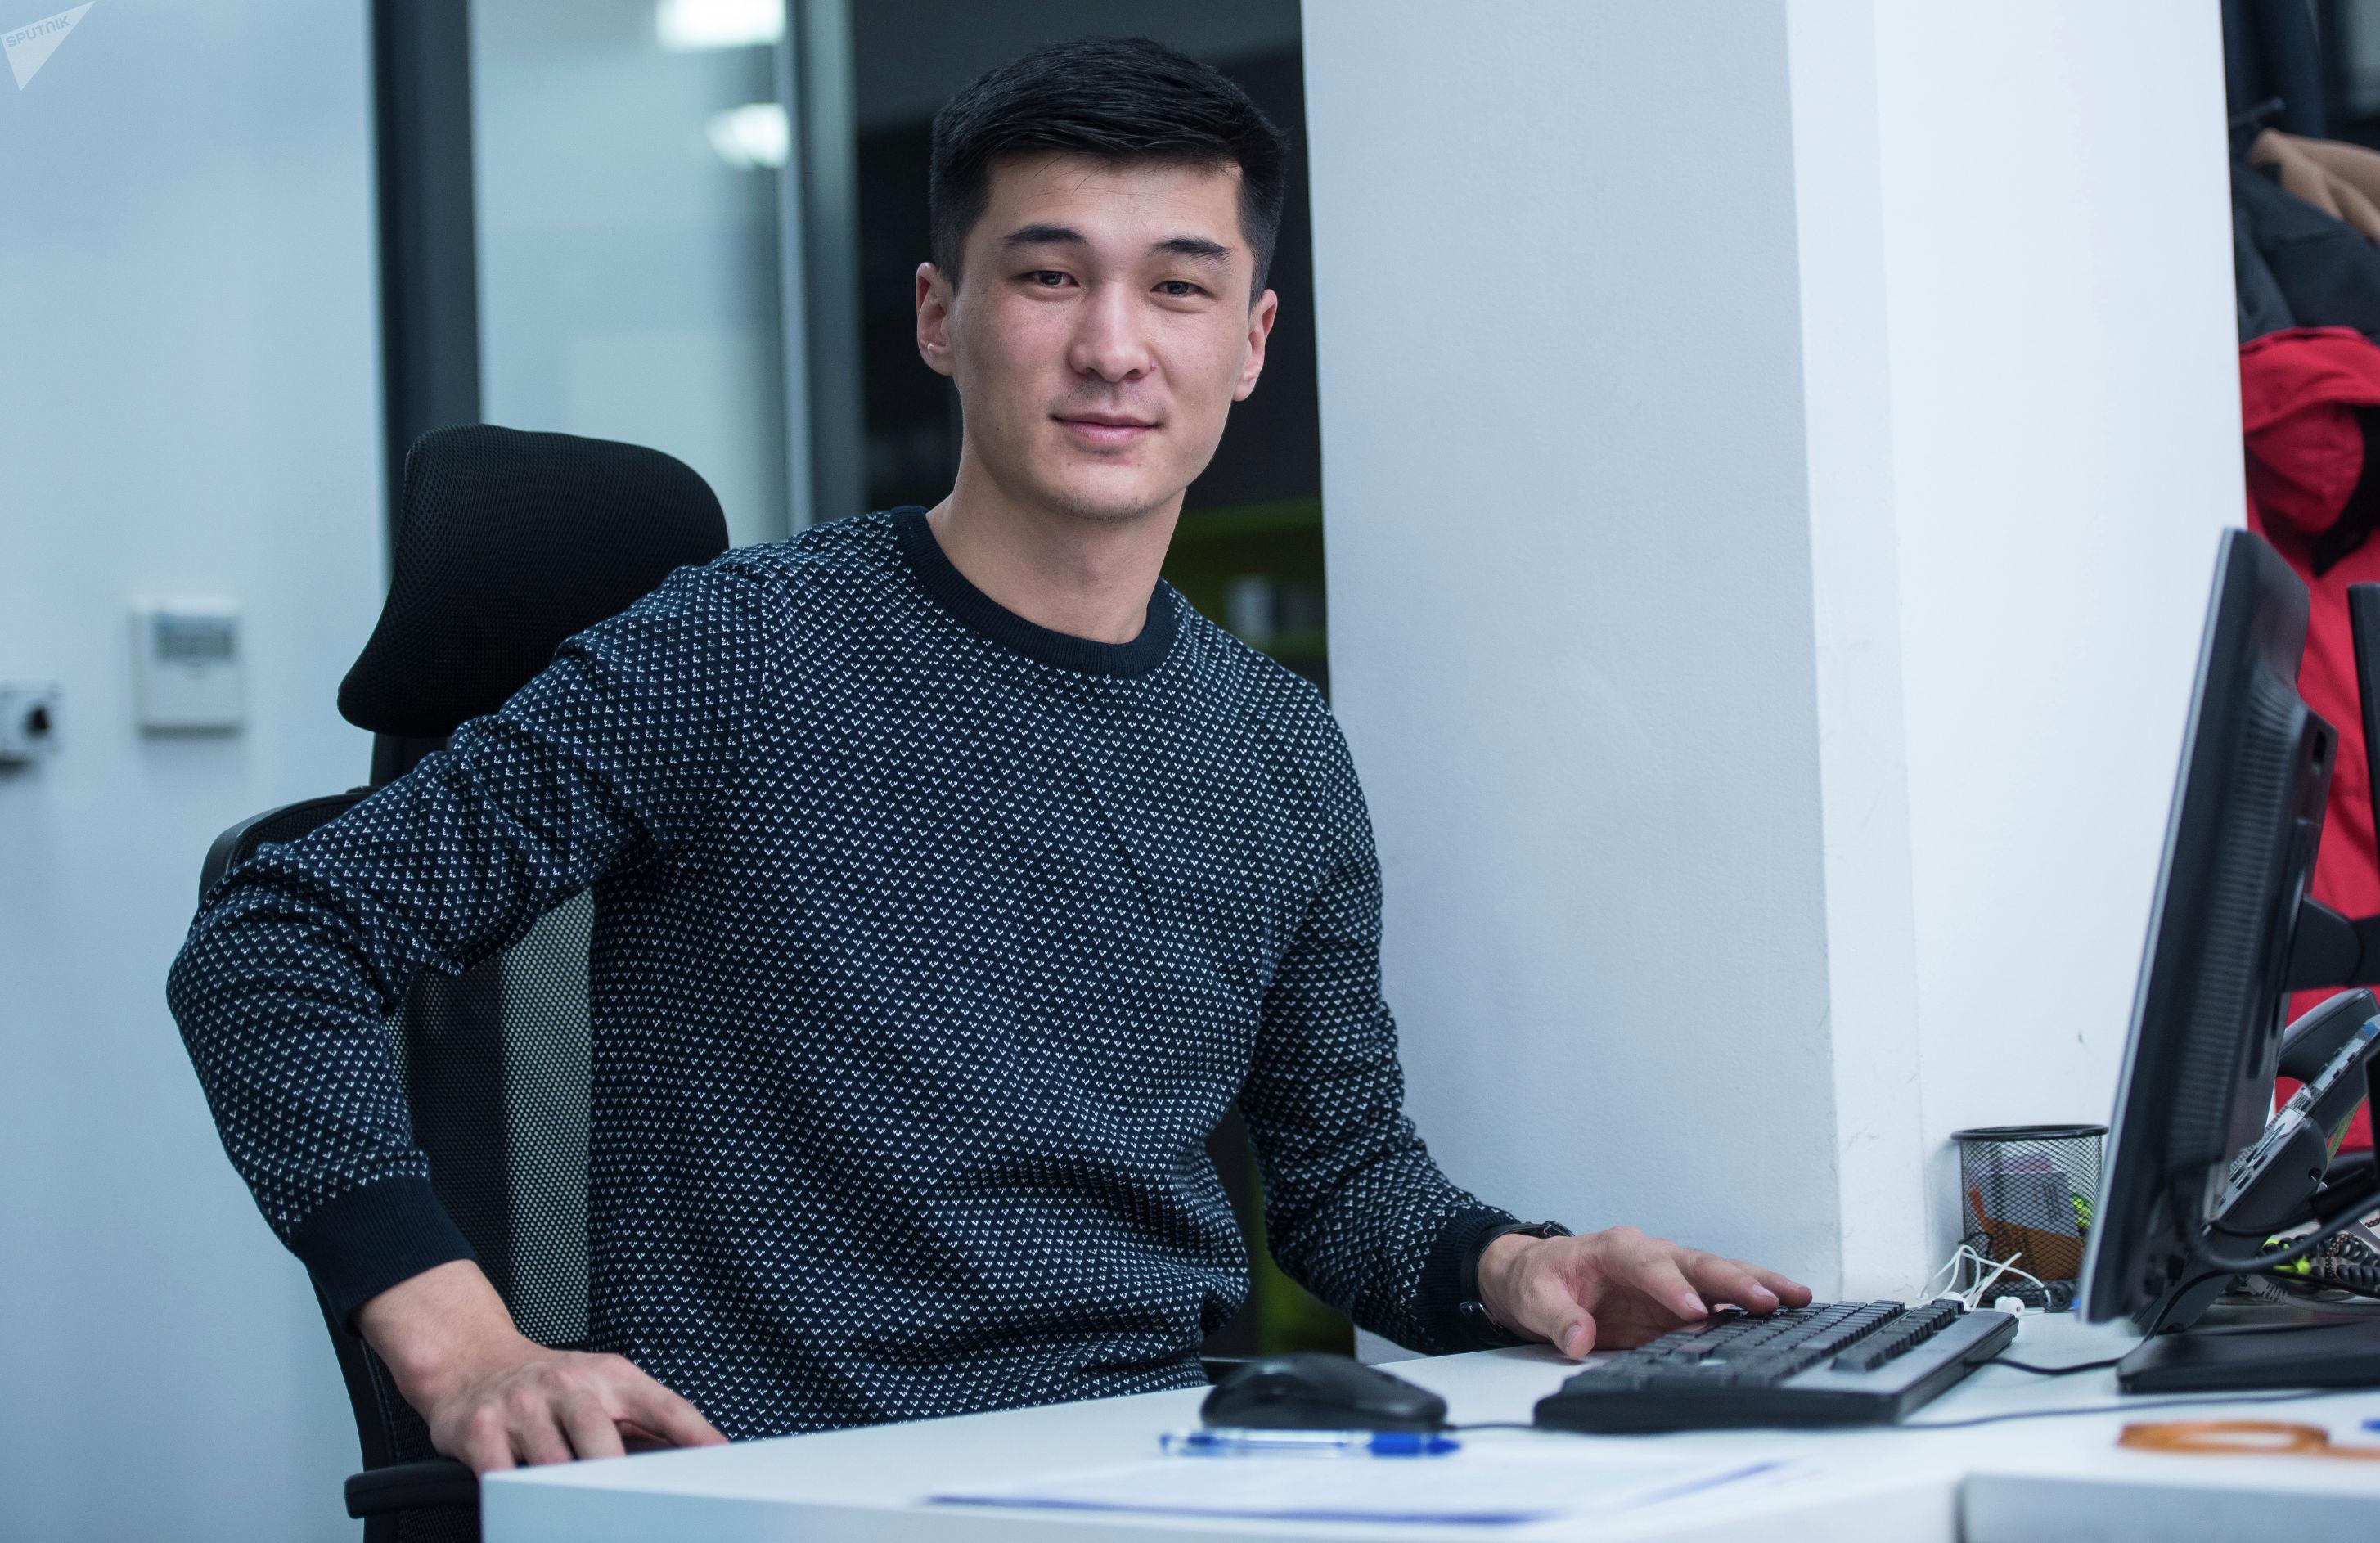 Журналист международного информационного агенства Sputnik Кыргызстан Эламан Карымшаков